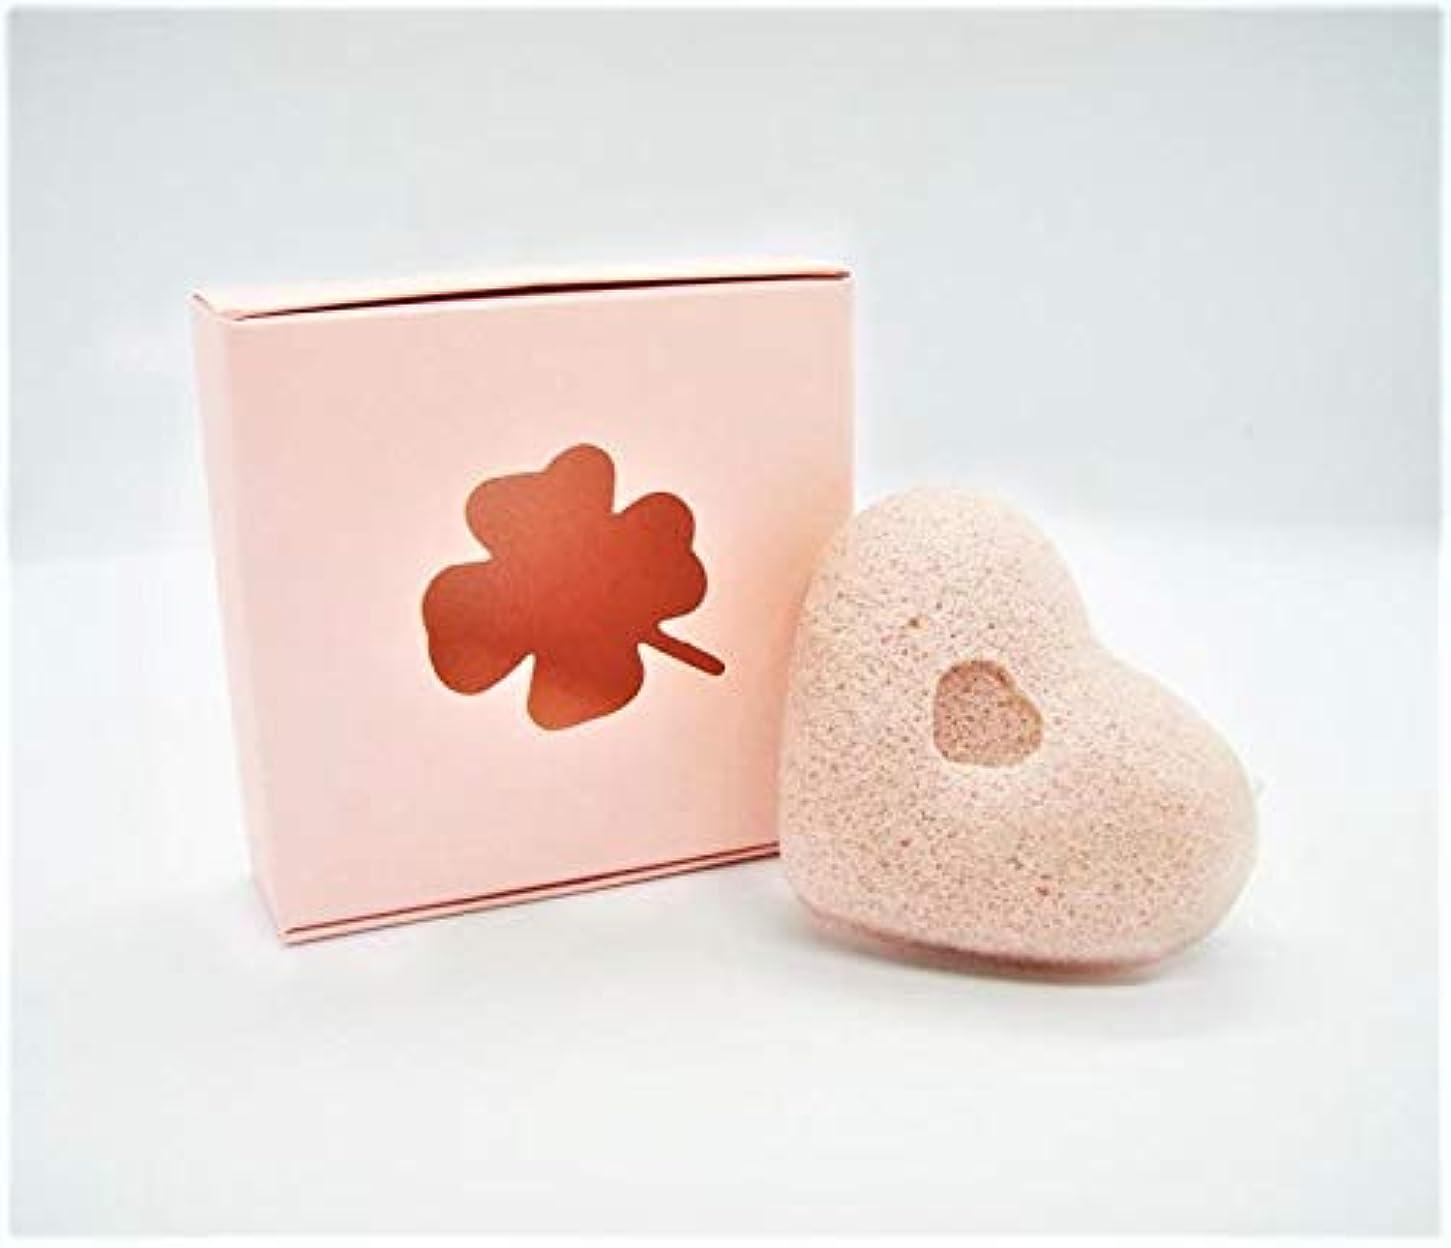 威する巡礼者エイリアンこんにゃくスポンジ 蒟蒻から天然植物性繊維 心形 洗顔用 三色 (ピンク) 送料無料